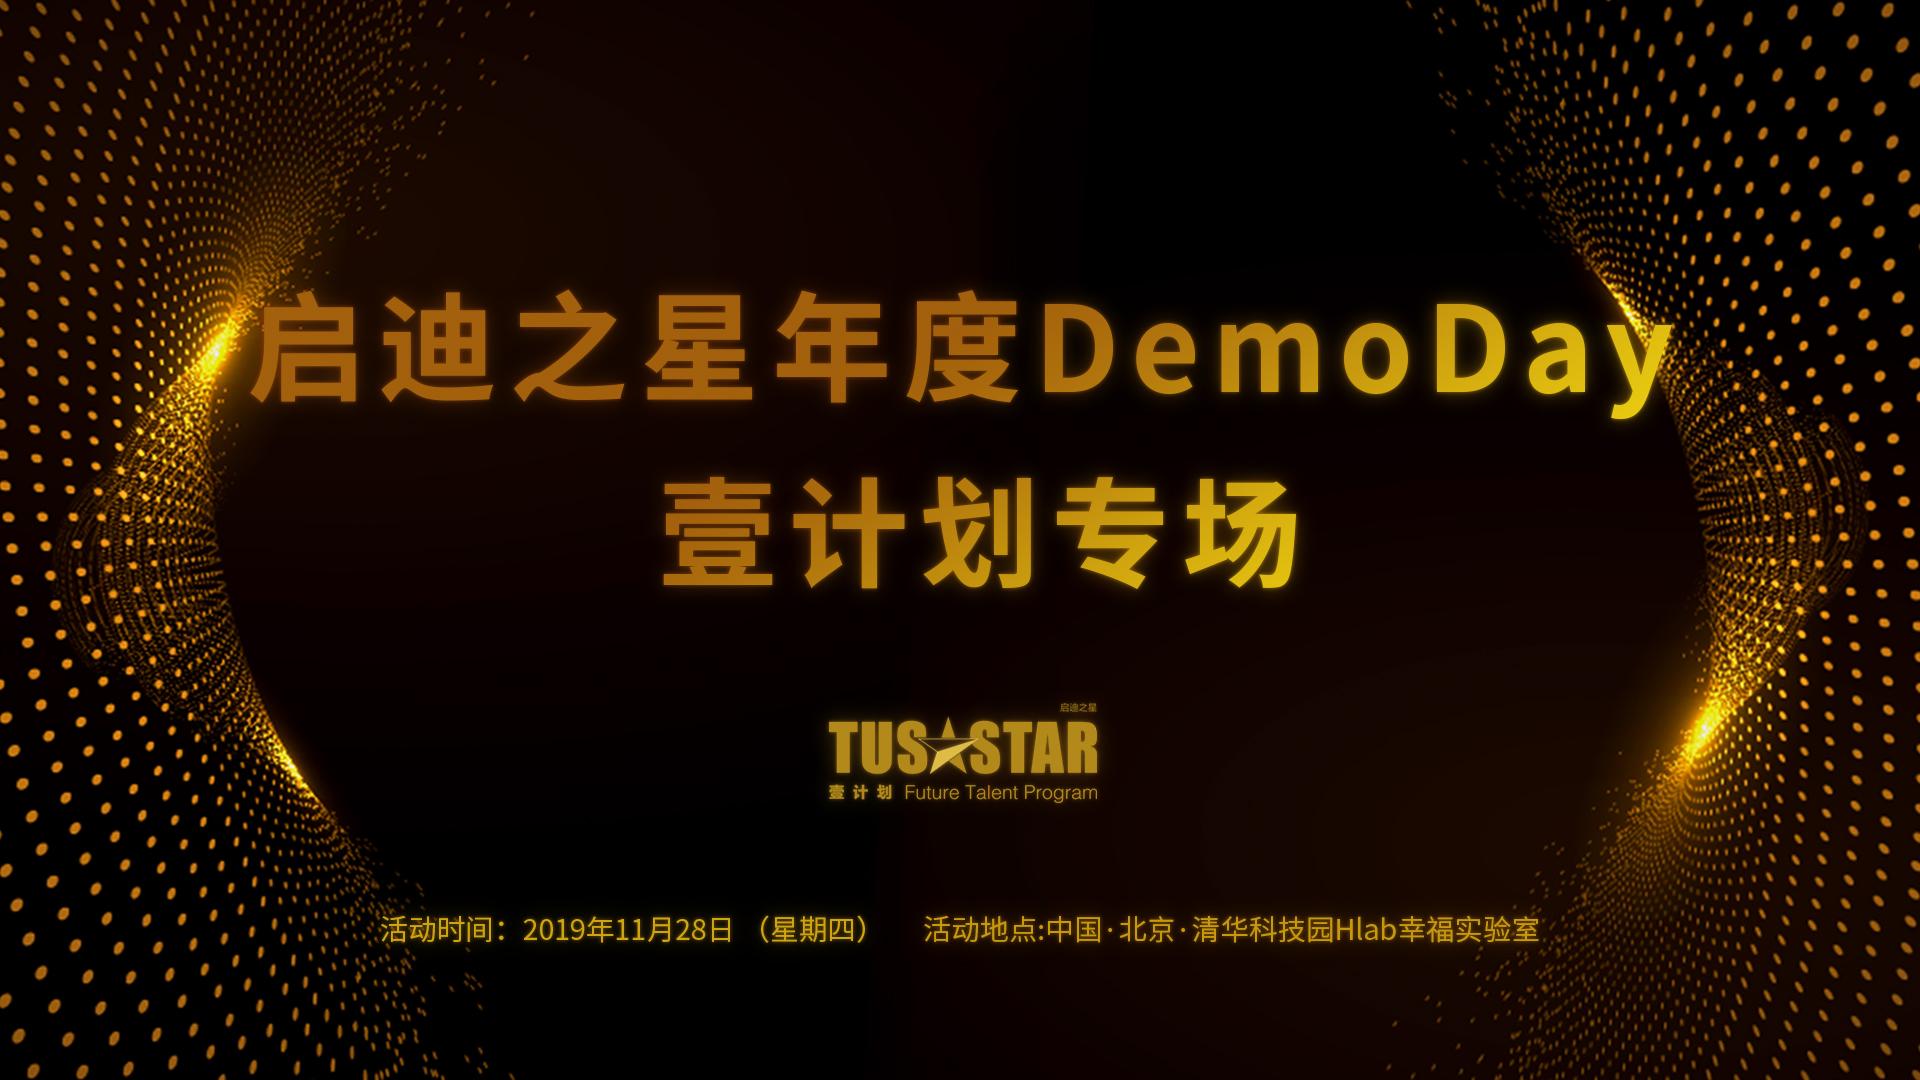 启迪之星年度DemoDay 【壹计划企业专场】